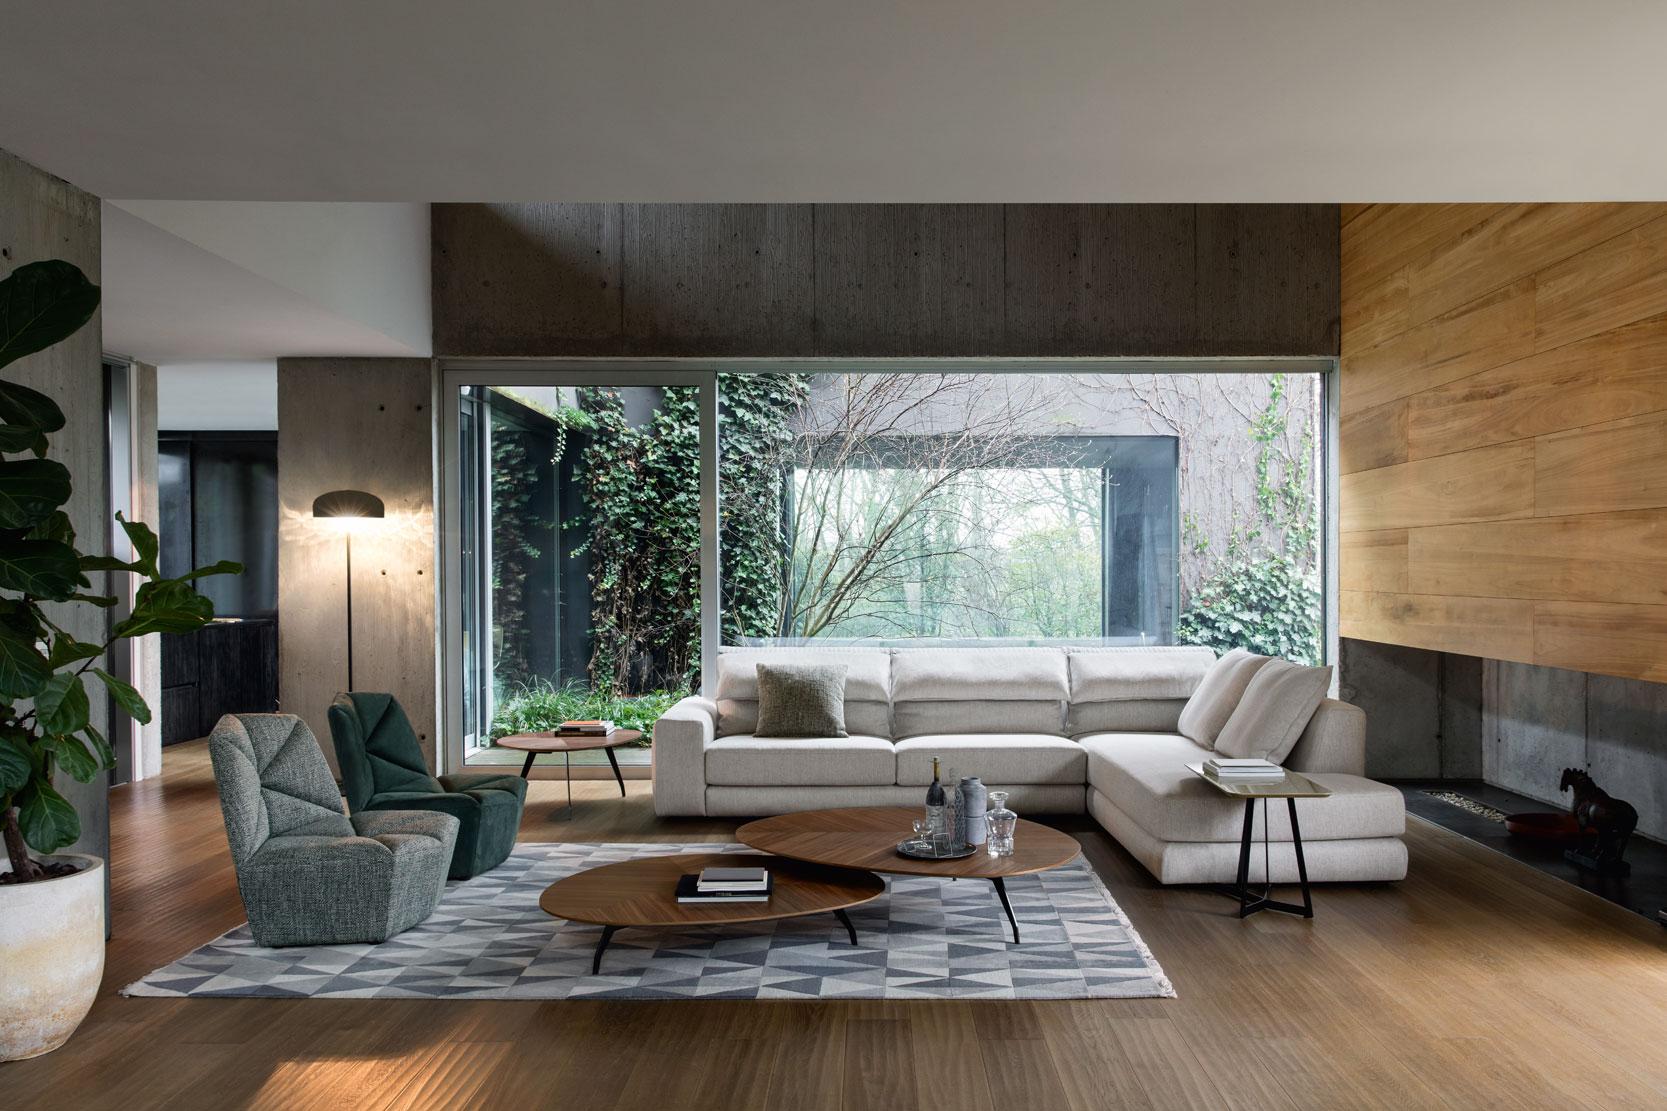 Kubo Deco, mobilier, décoration d'intérieur, Alberta made in Italy, Suisse Romande, meubles contemporains